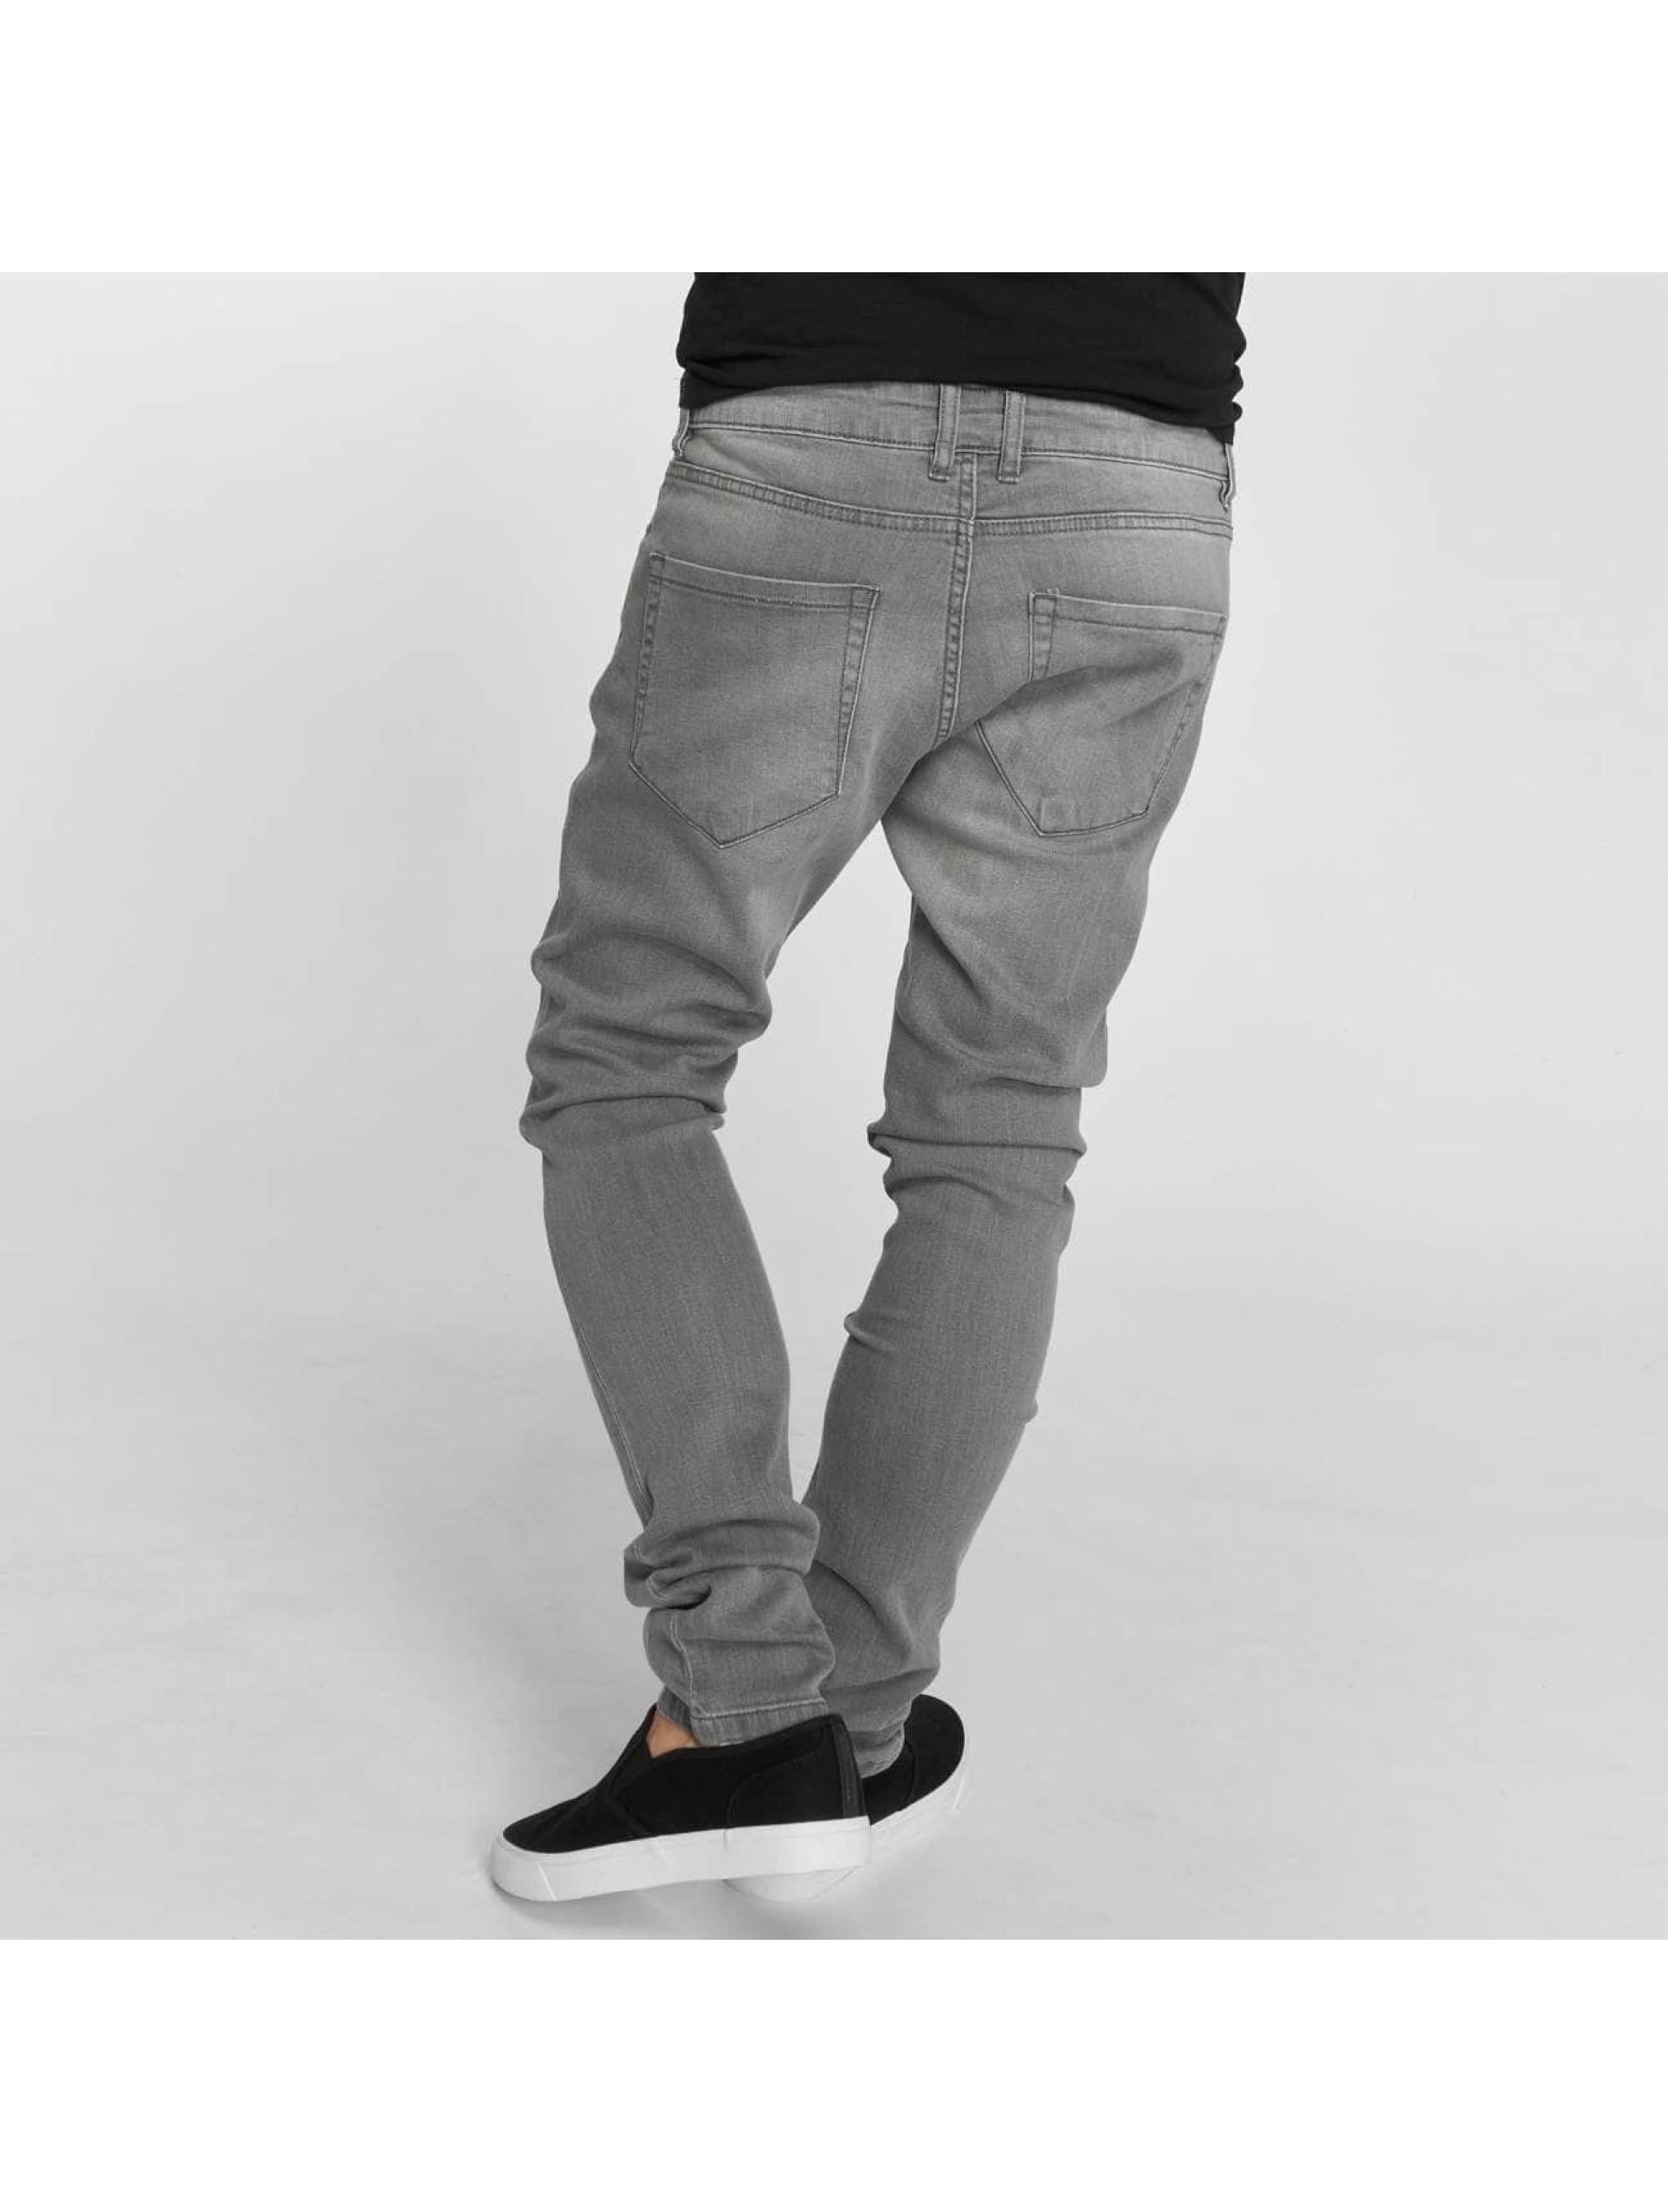 Urban Classics Slim Fit Jeans Knee Cut grå